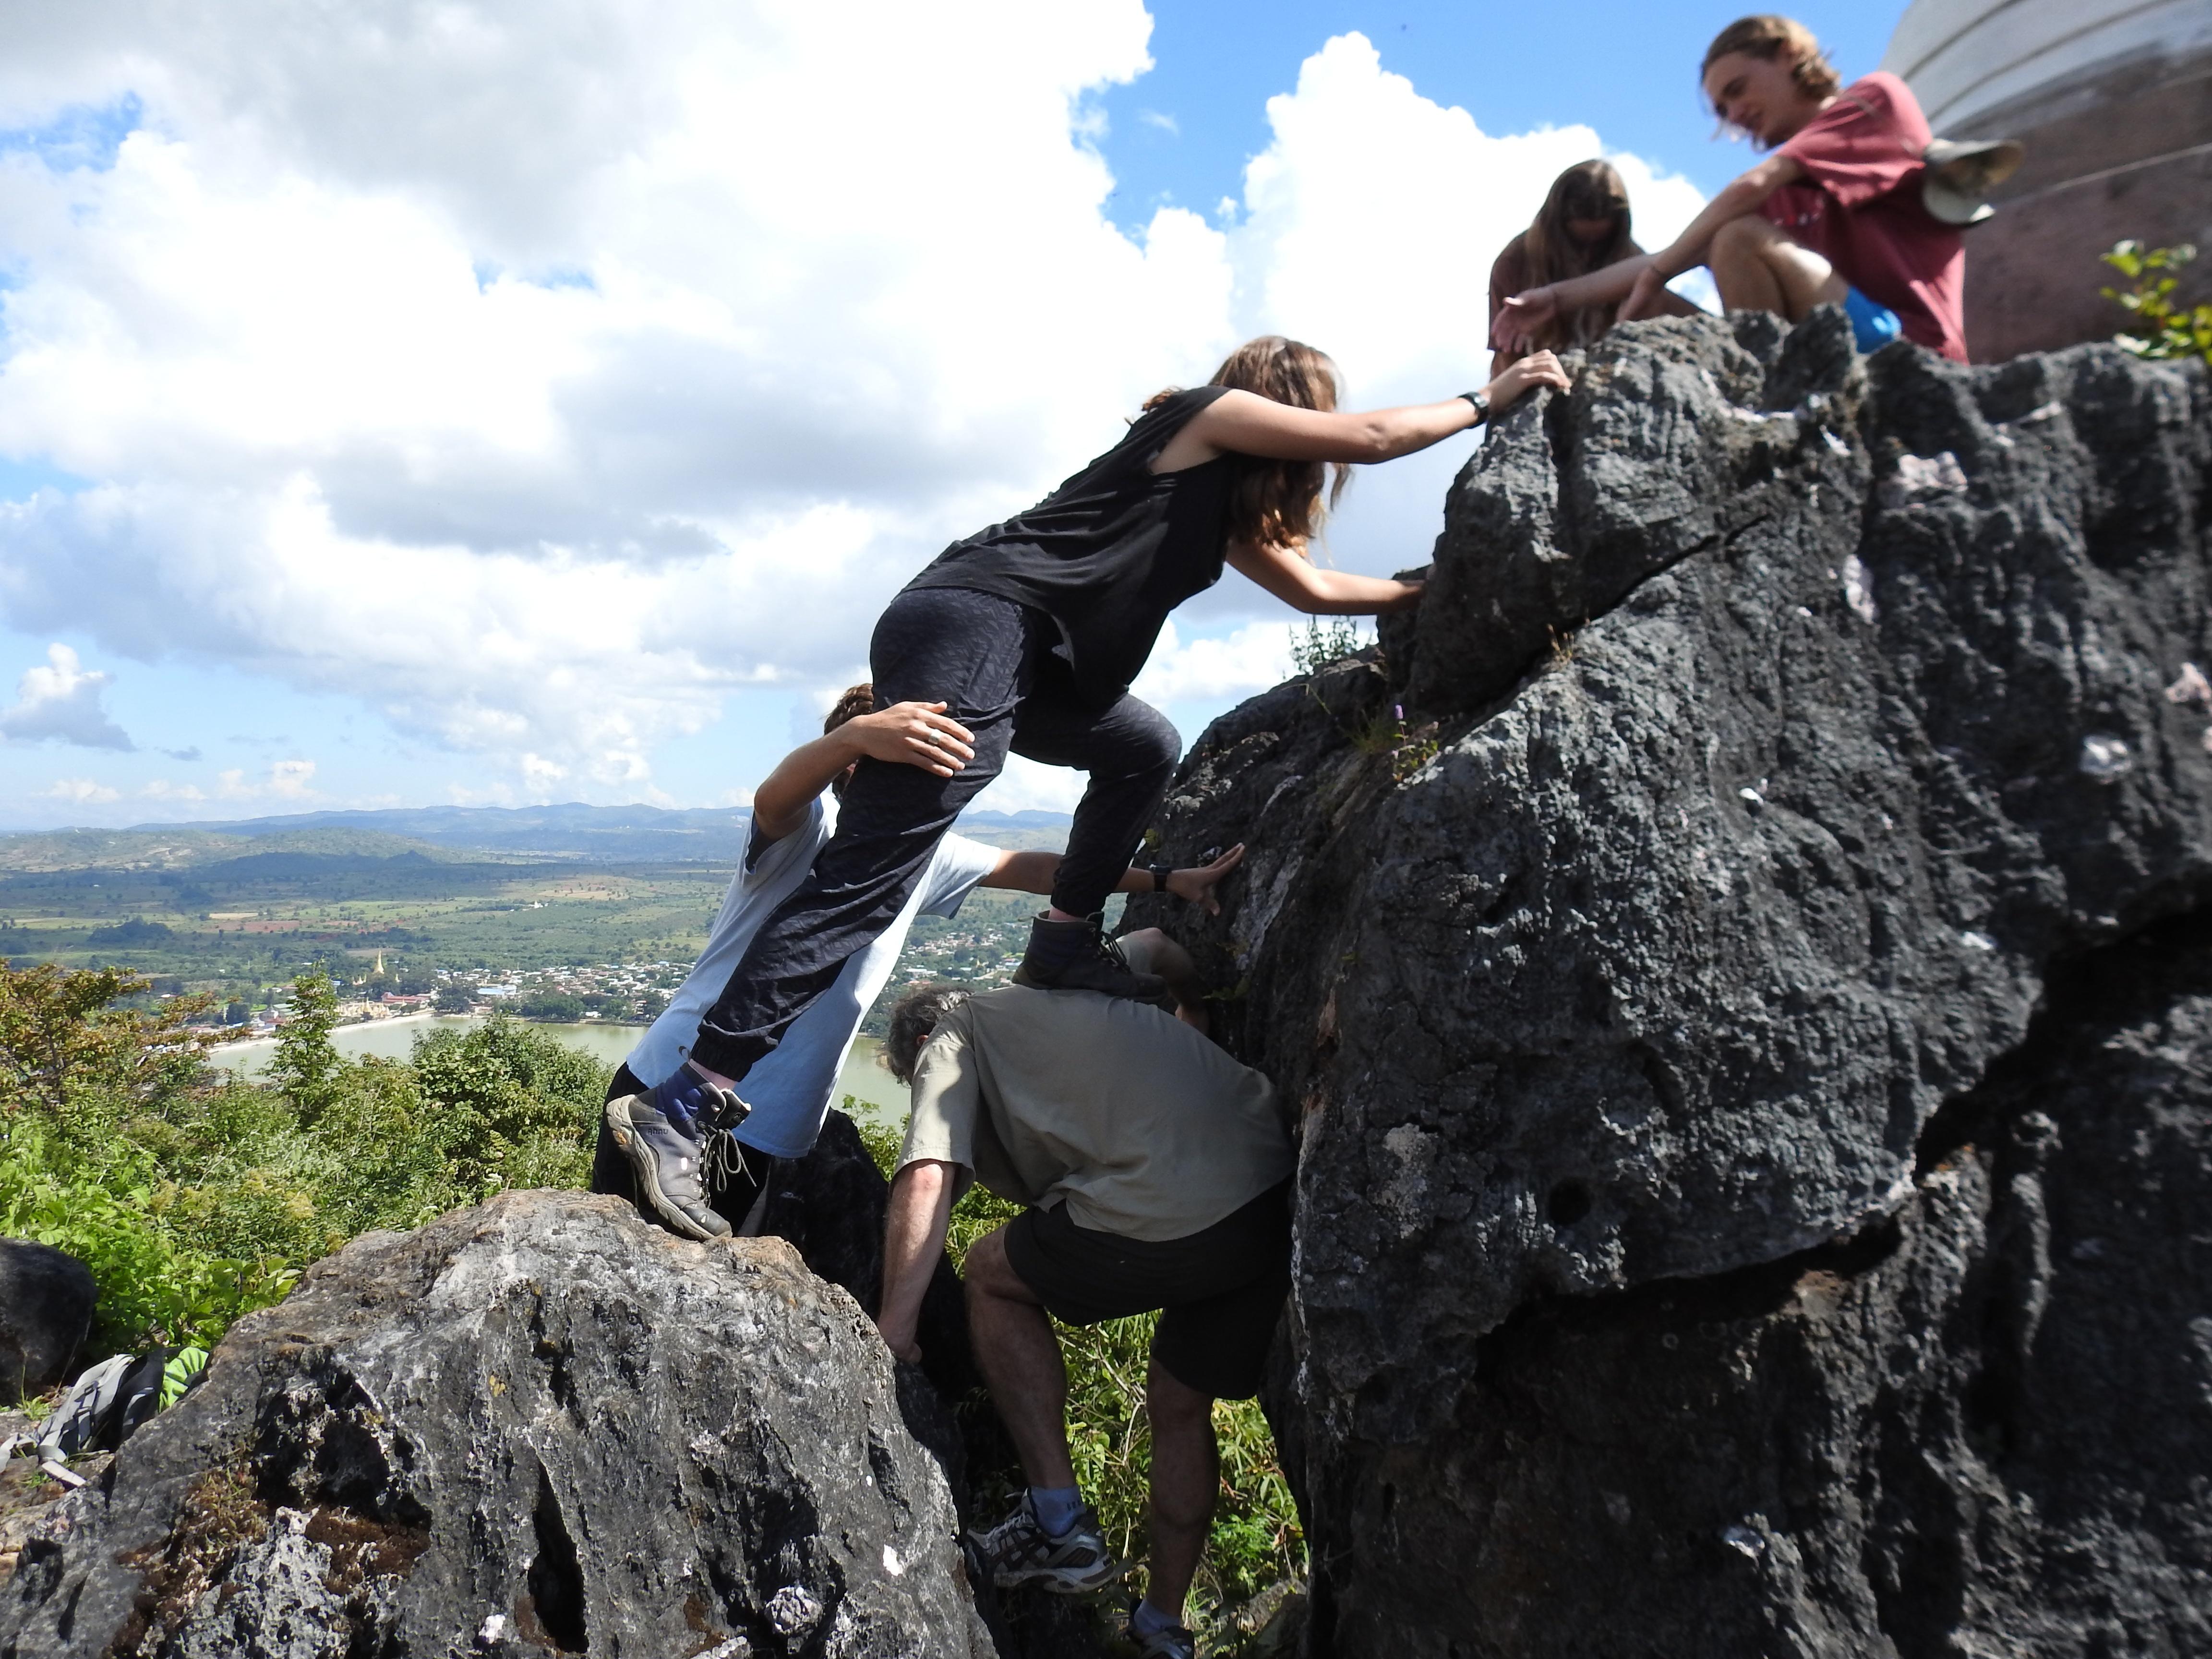 V climbing down.jpg